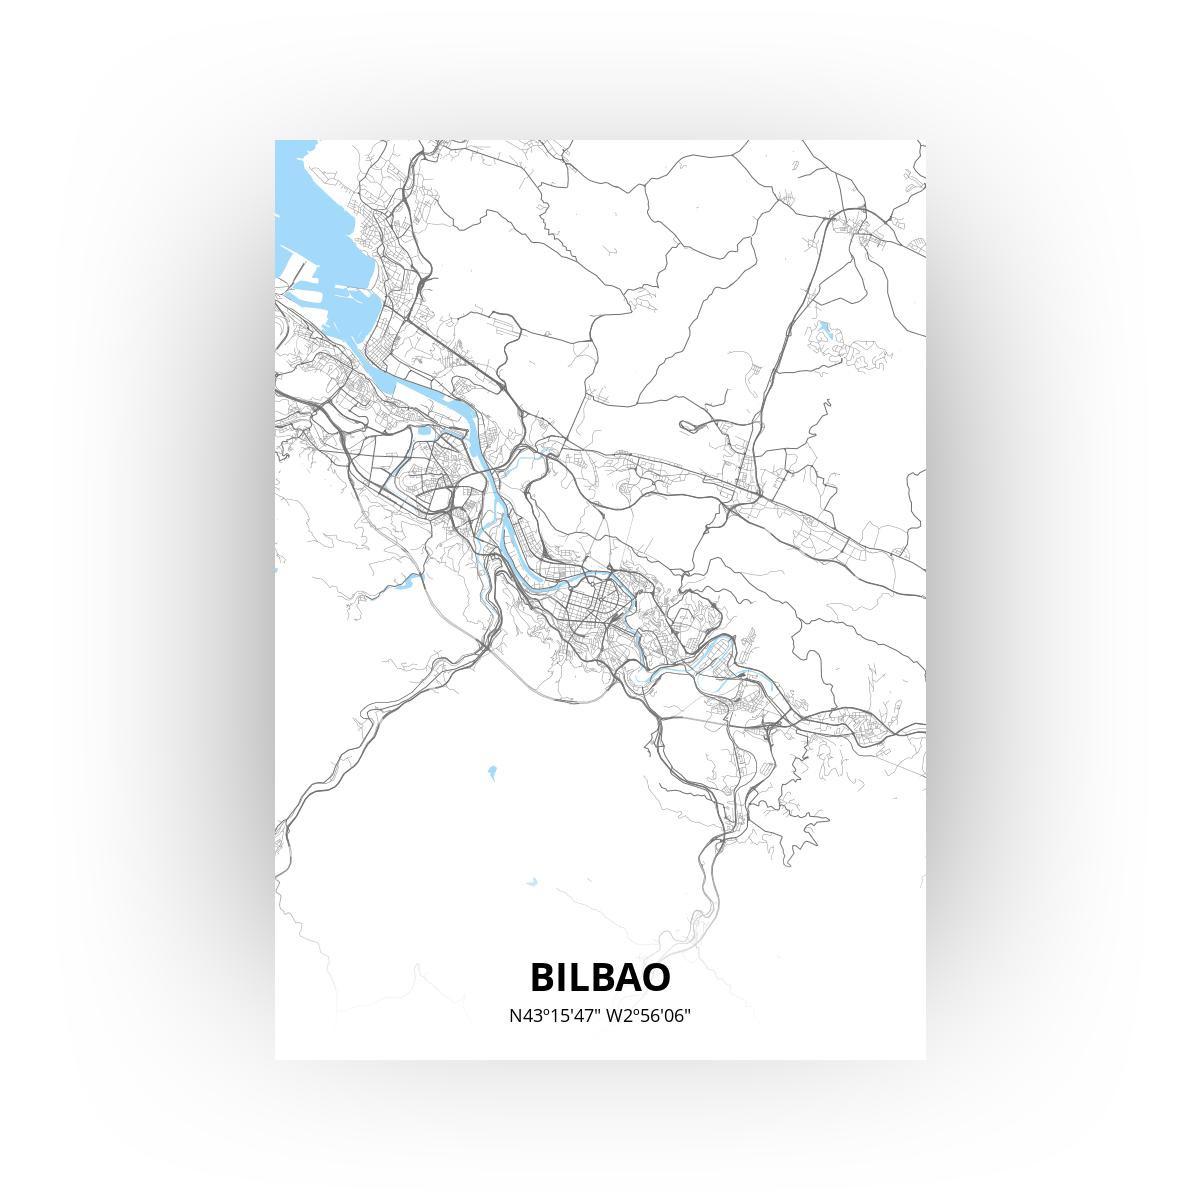 Bilbao poster - Zelf aan te passen!